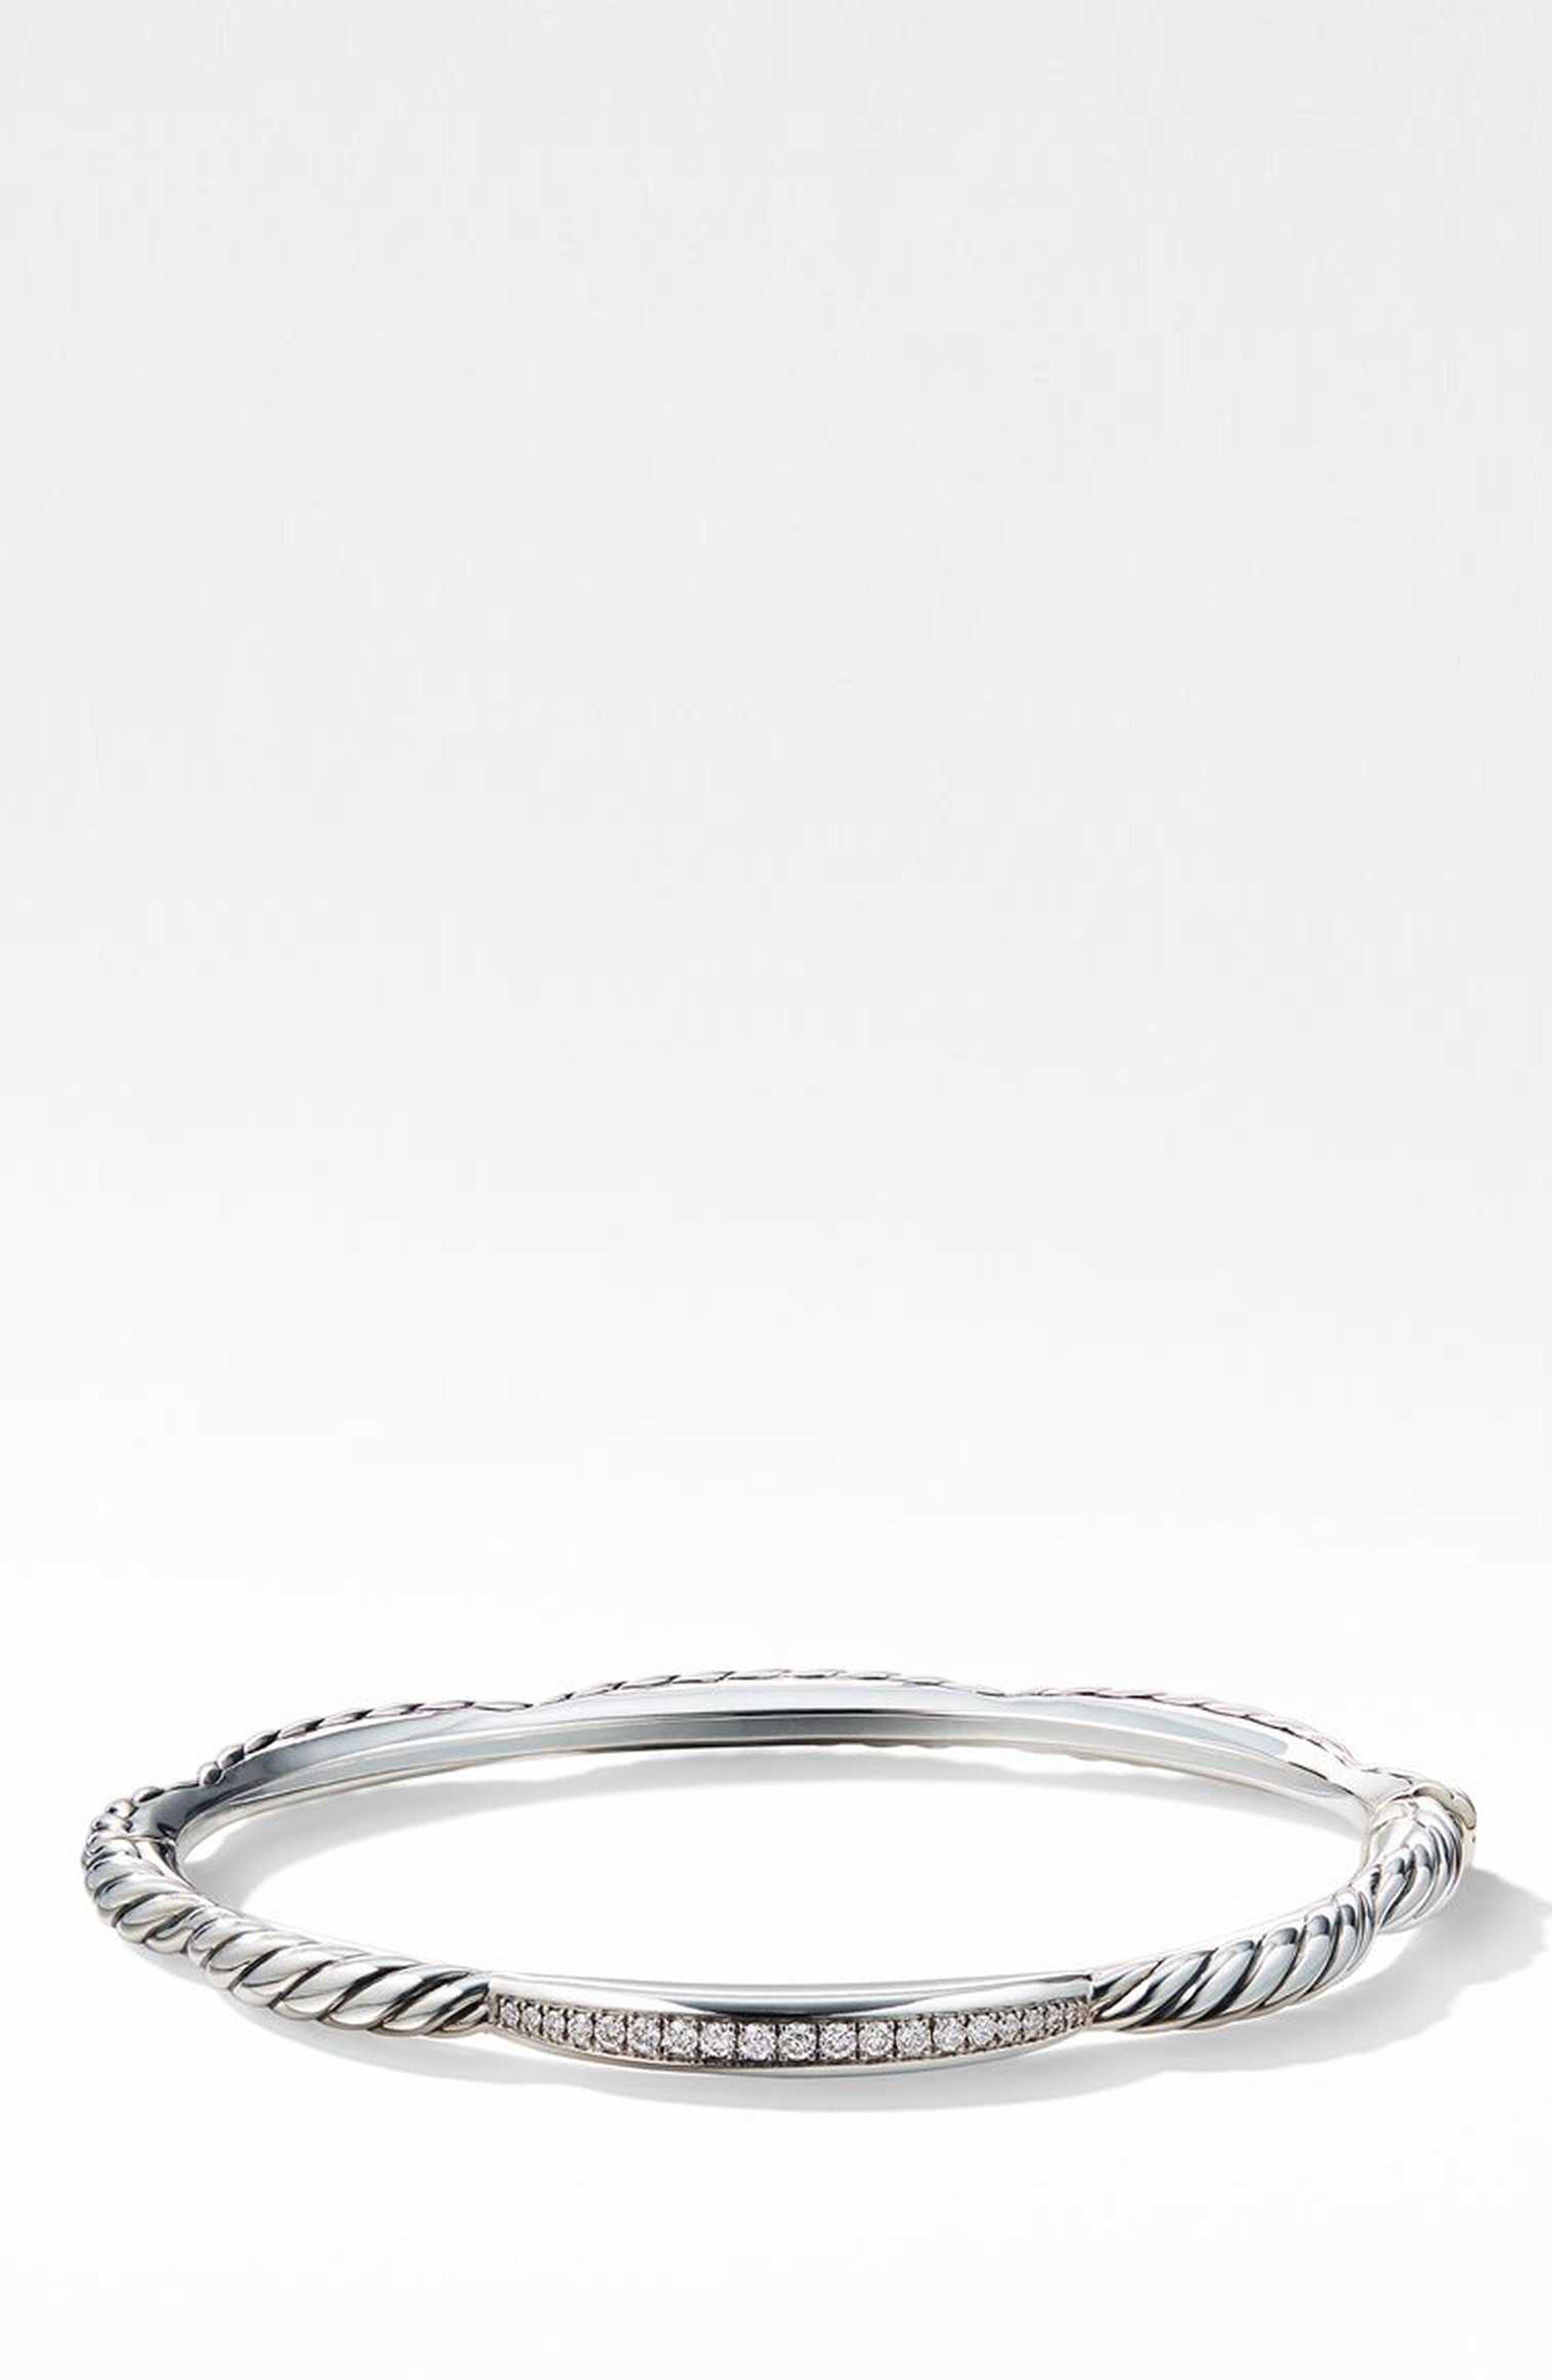 Tides Single Station Bracelet with Diamonds,                         Main,                         color, STERLING SILVER/ DIAMOND